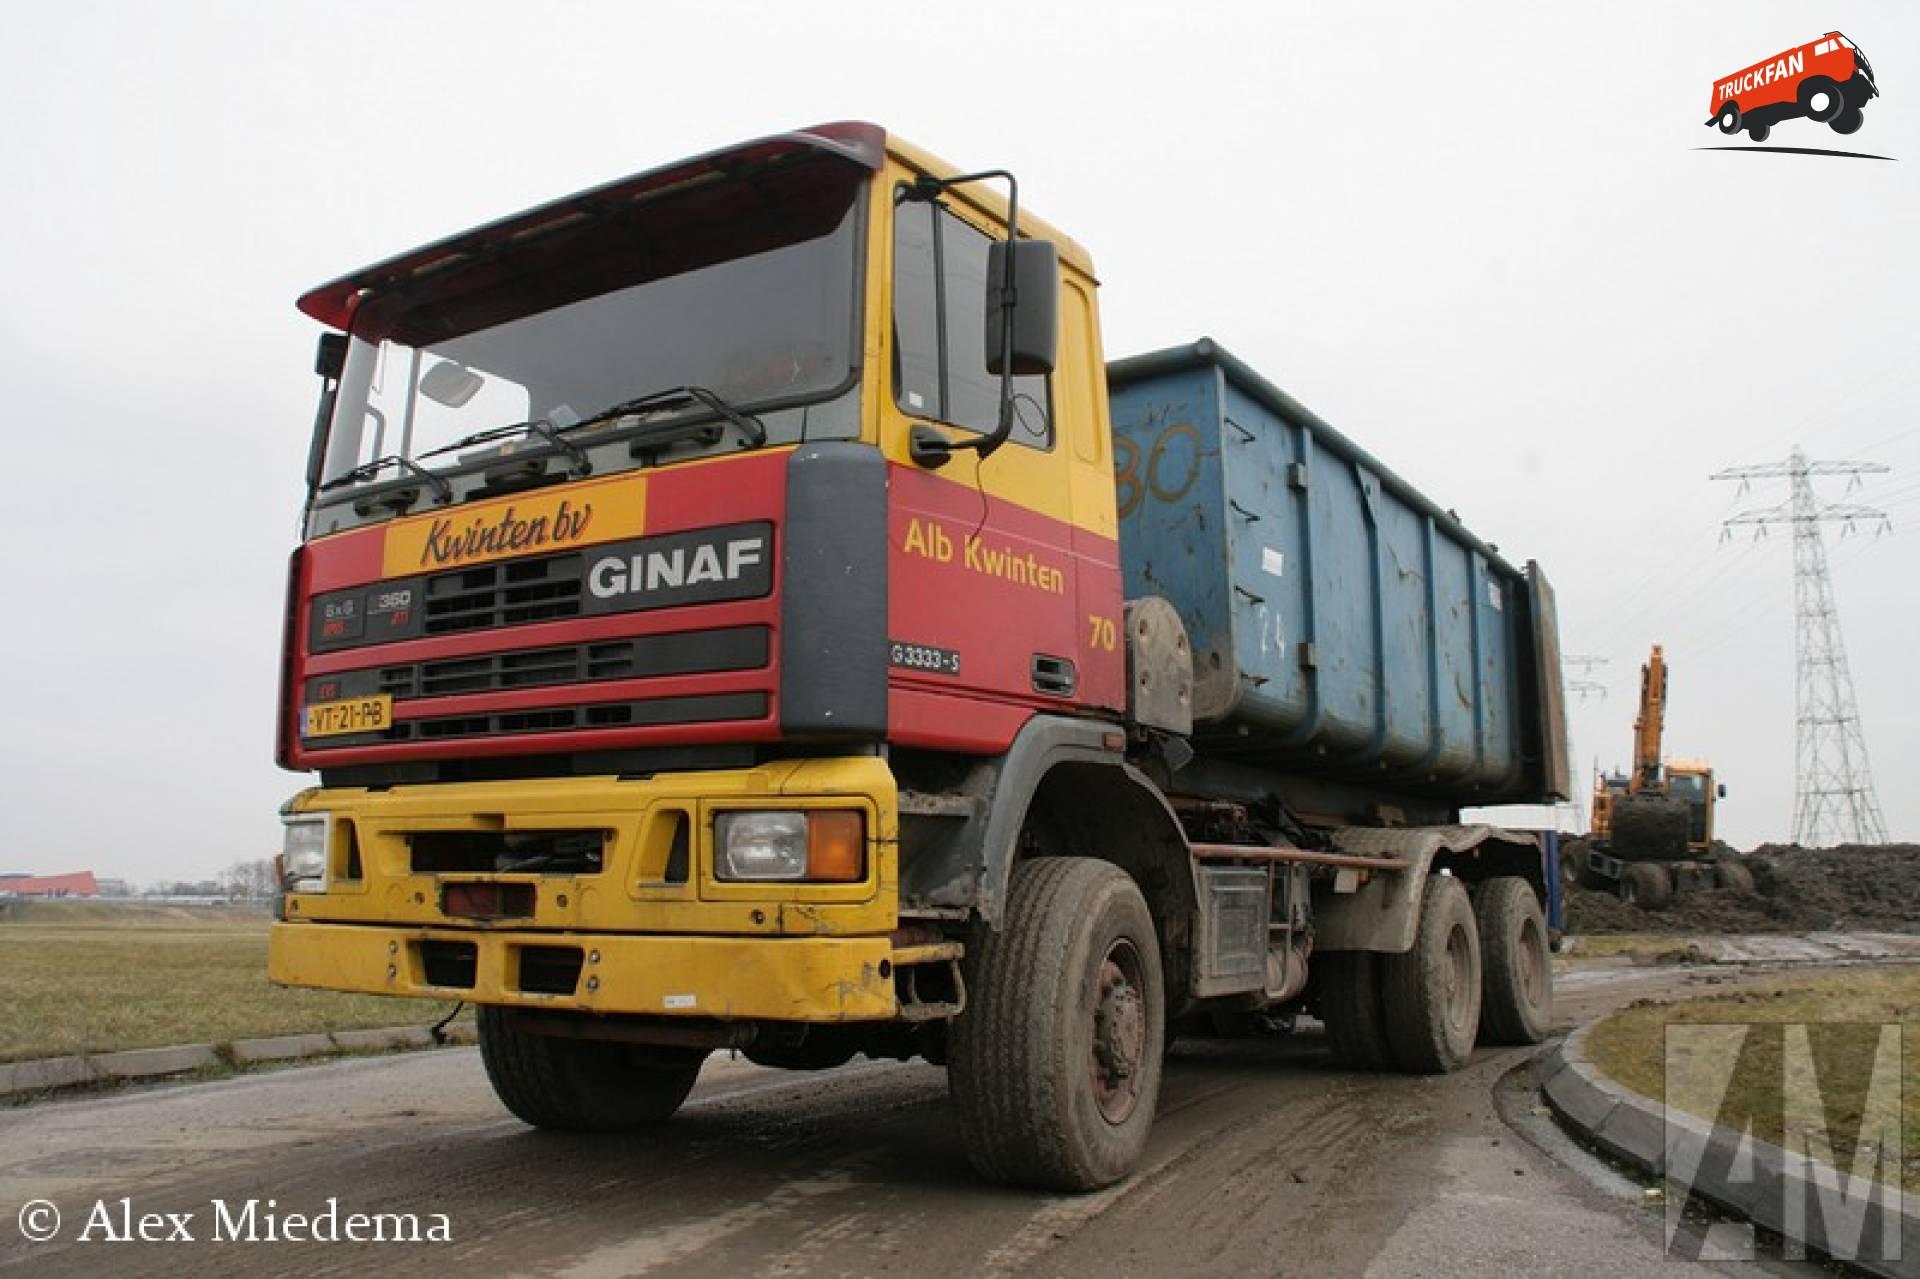 GINAF G3333-S